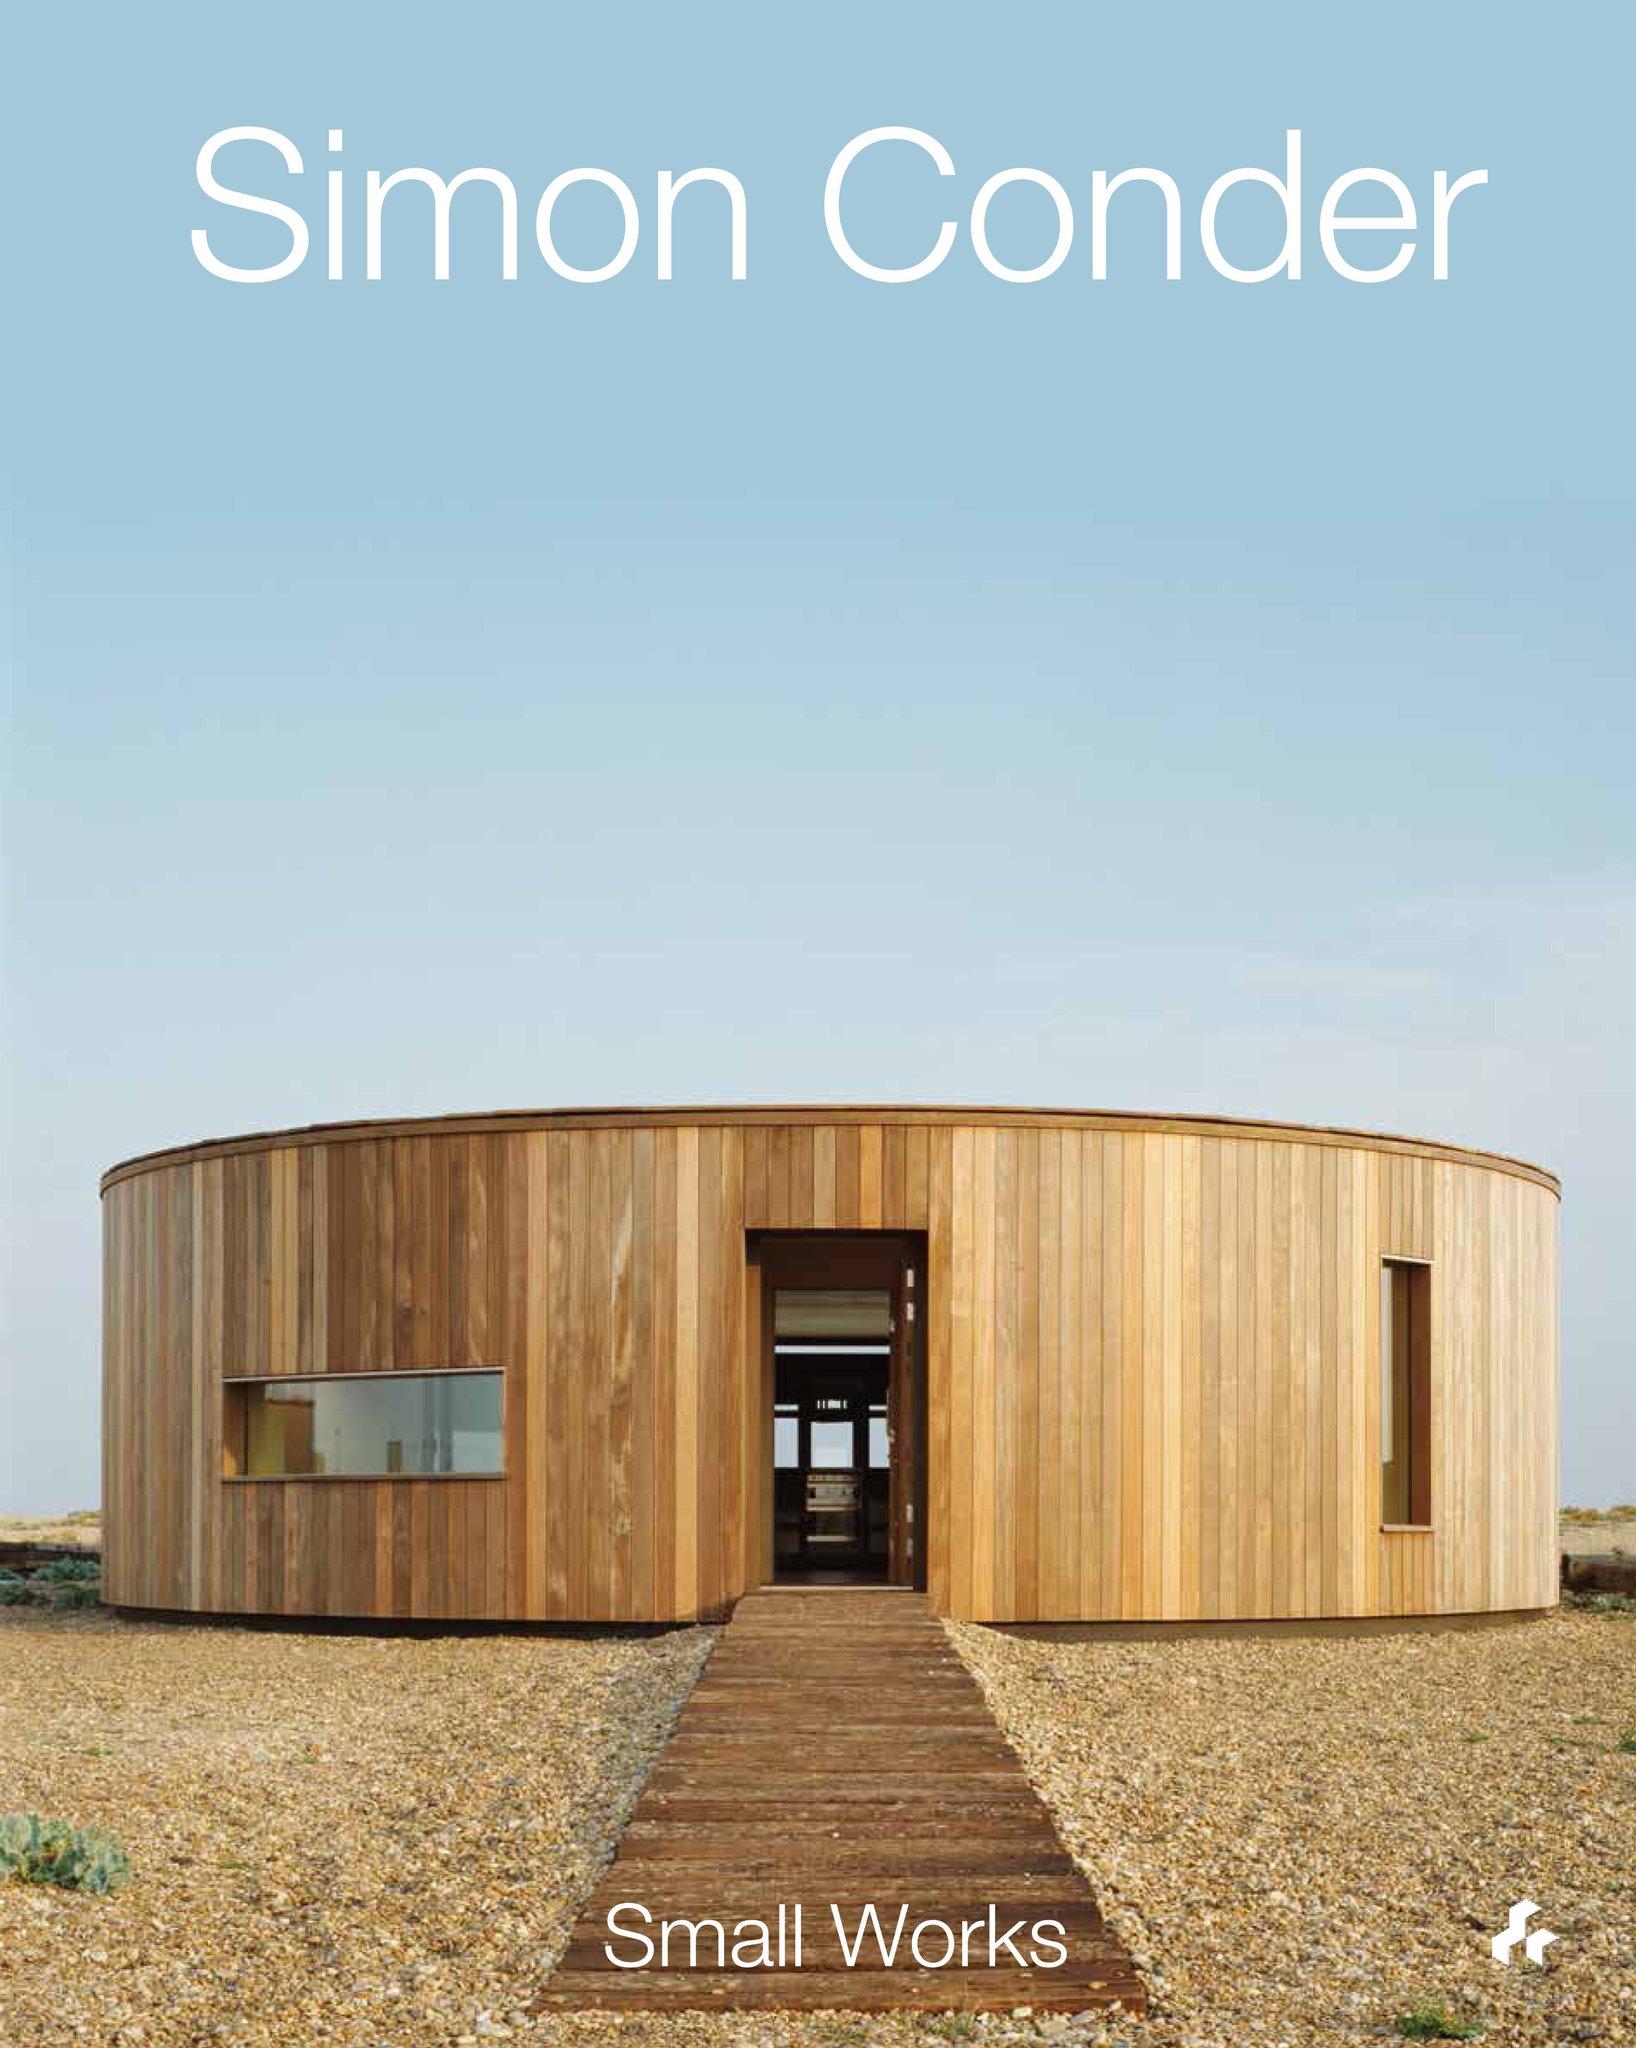 Simon_Condor_cover_1024x1024@2x (1).jpg